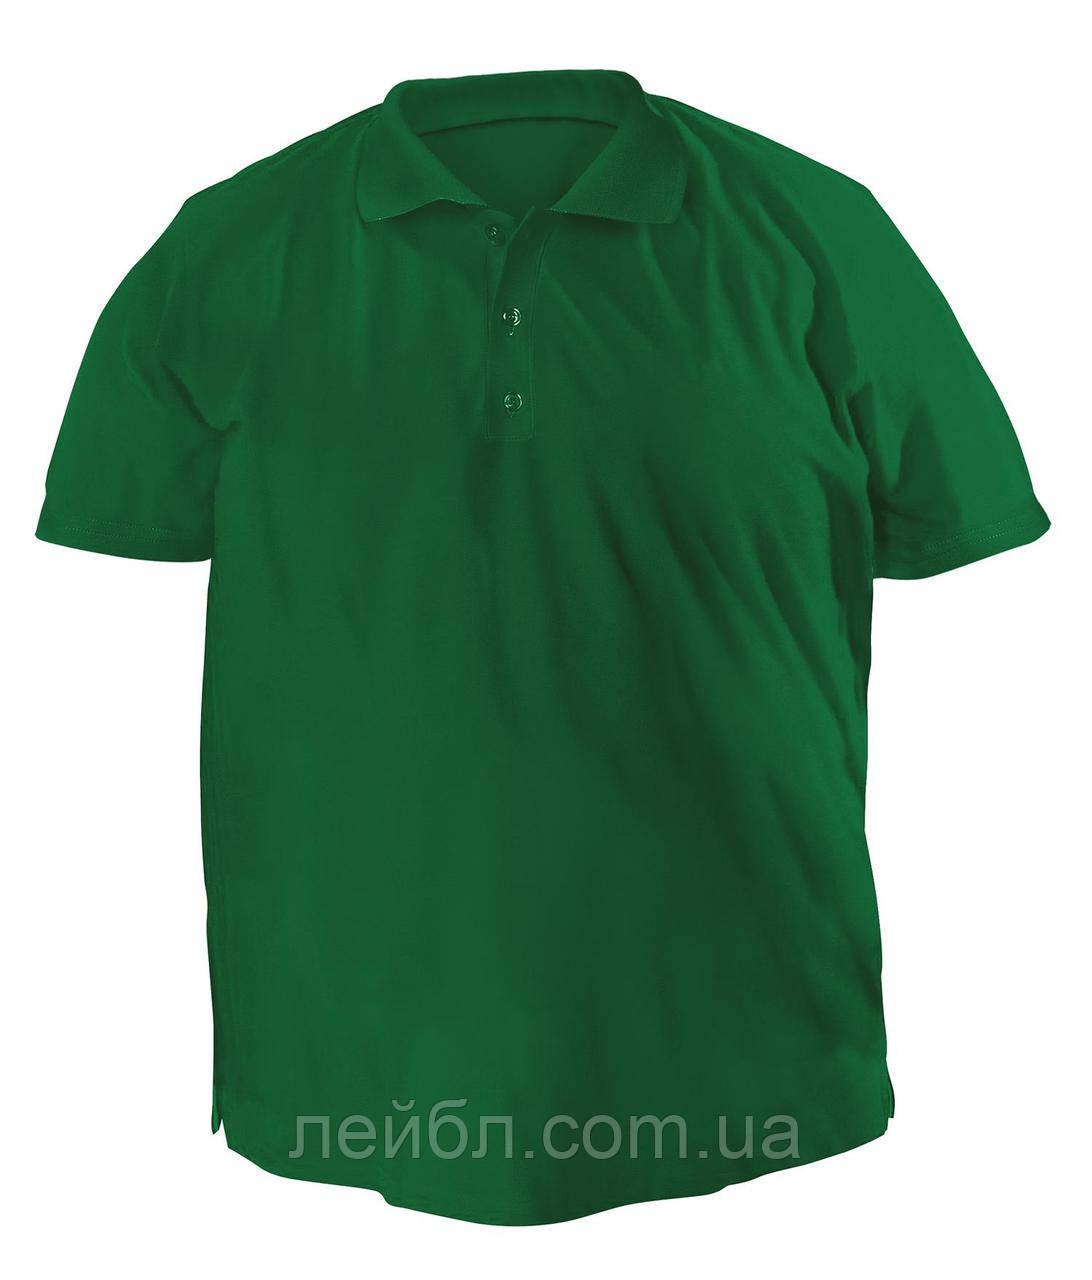 Футболку Polo большая - 7056 темно-зеленый